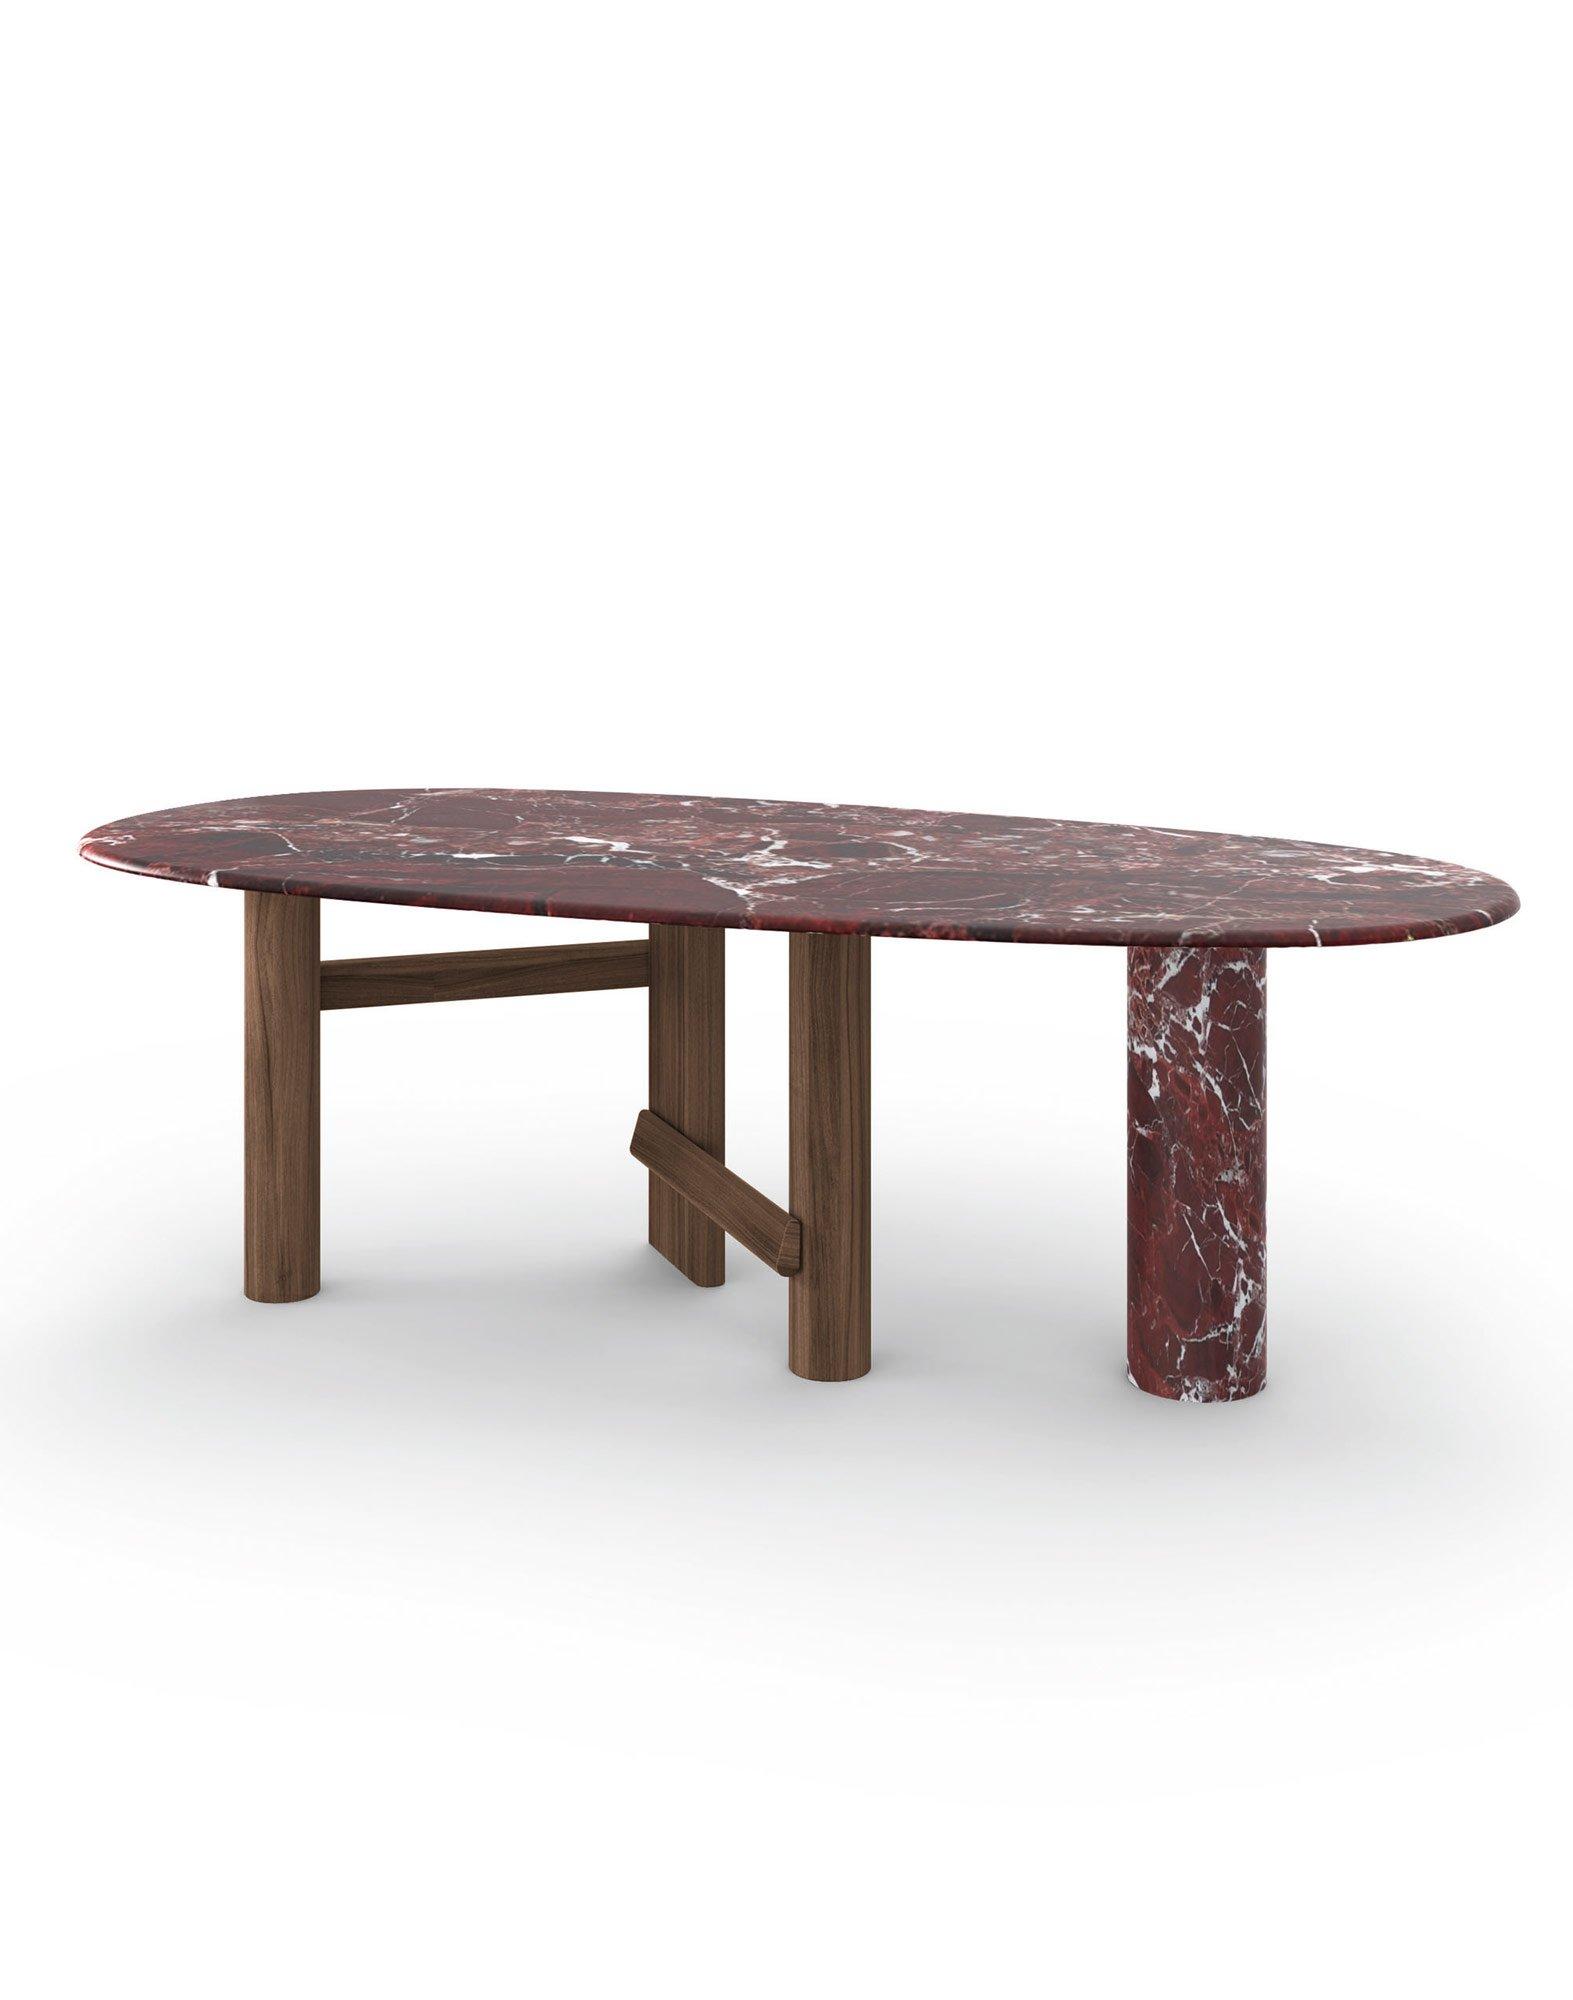 Skulpturaler Tisch von Patricia Urquiola für Cassina